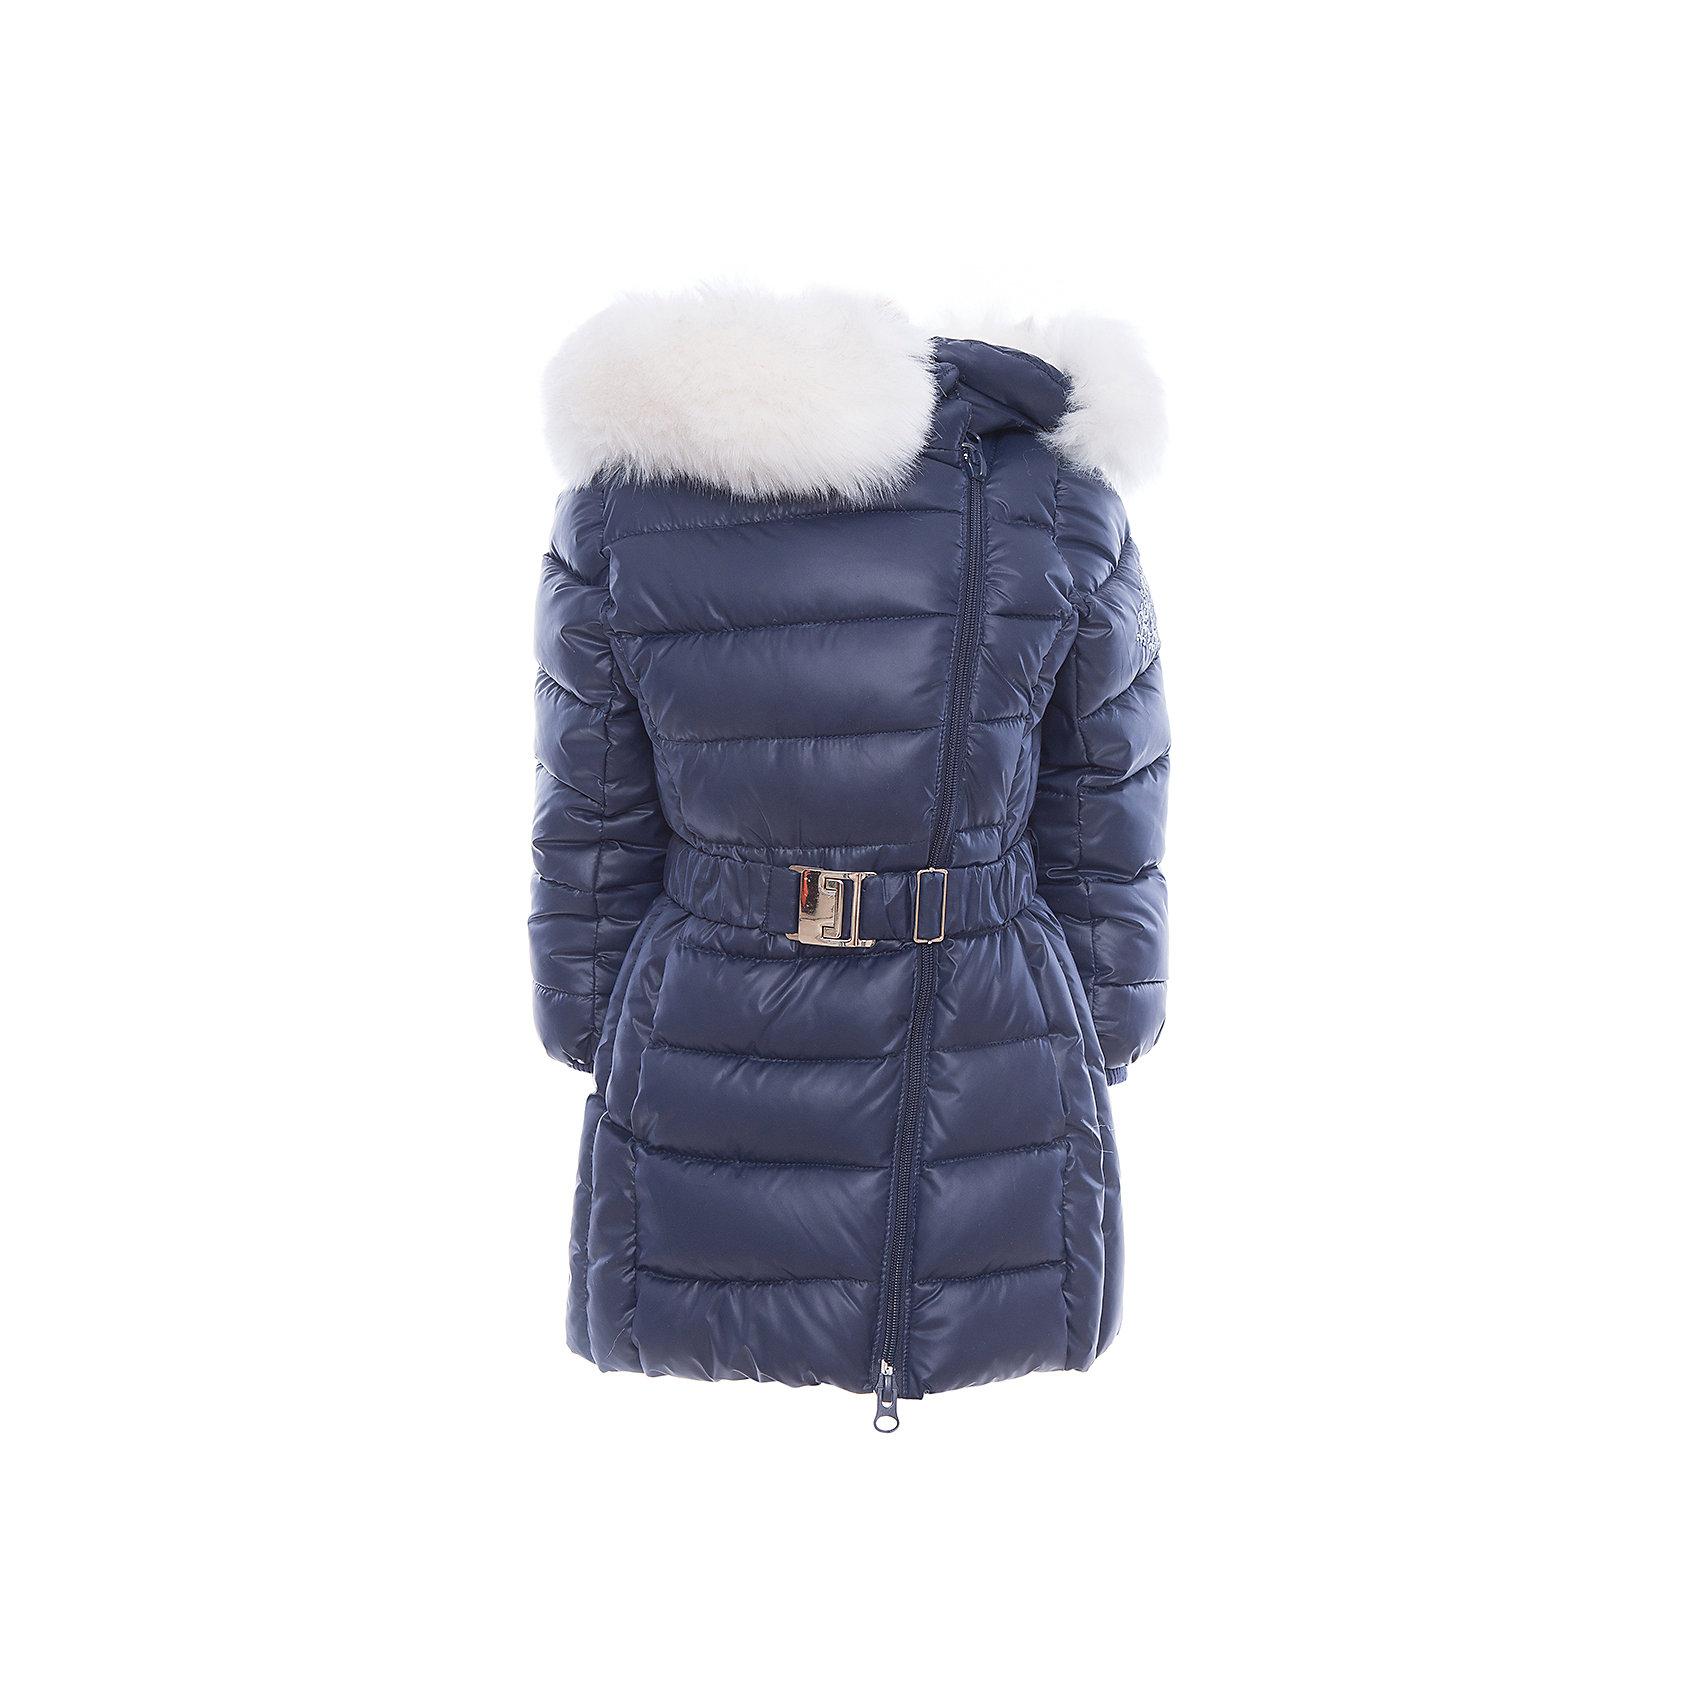 Пальто для девочки BOOM by OrbyХарактеристики изделия:<br><br>- материал верха: мягкая болонь;<br>- подкладка: ПЭ, флис;<br>- утеплитель: Flexy Fiber 400 г/м2, <br>- отделка: искуственный мех;<br>- утеплитель: Flexy Fiber 400 г/м2, <br>- фурнитура: металл, пластик;<br>- застежка: молния;<br>- высокий воротник;<br>- эластичный пояс;<br>- вышивка;<br>- температурный режим до -30°С<br><br><br>В холодный сезон девочки хотят одеваться не только тепло, но и модно. Это стильное и теплое пальто позволит ребенку наслаждаться зимним отдыхом, не боясь замерзнуть, и выглядеть при этом очень симпатично.<br>Теплое пальто плотно сидит благодаря манжетам и надежным застежкам. Оно смотрится очень эффектно благодаря пушустому меху на капюшоне и ассиметричной молнии. Пальто дополнено карманами и эластичным поясом.<br><br>Пальто для девочки от бренда BOOM by Orby можно купить в нашем магазине.<br><br>Ширина мм: 356<br>Глубина мм: 10<br>Высота мм: 245<br>Вес г: 519<br>Цвет: синий<br>Возраст от месяцев: 48<br>Возраст до месяцев: 60<br>Пол: Женский<br>Возраст: Детский<br>Размер: 152,116,134,98,140,104,158,122,110,146,128<br>SKU: 4982597